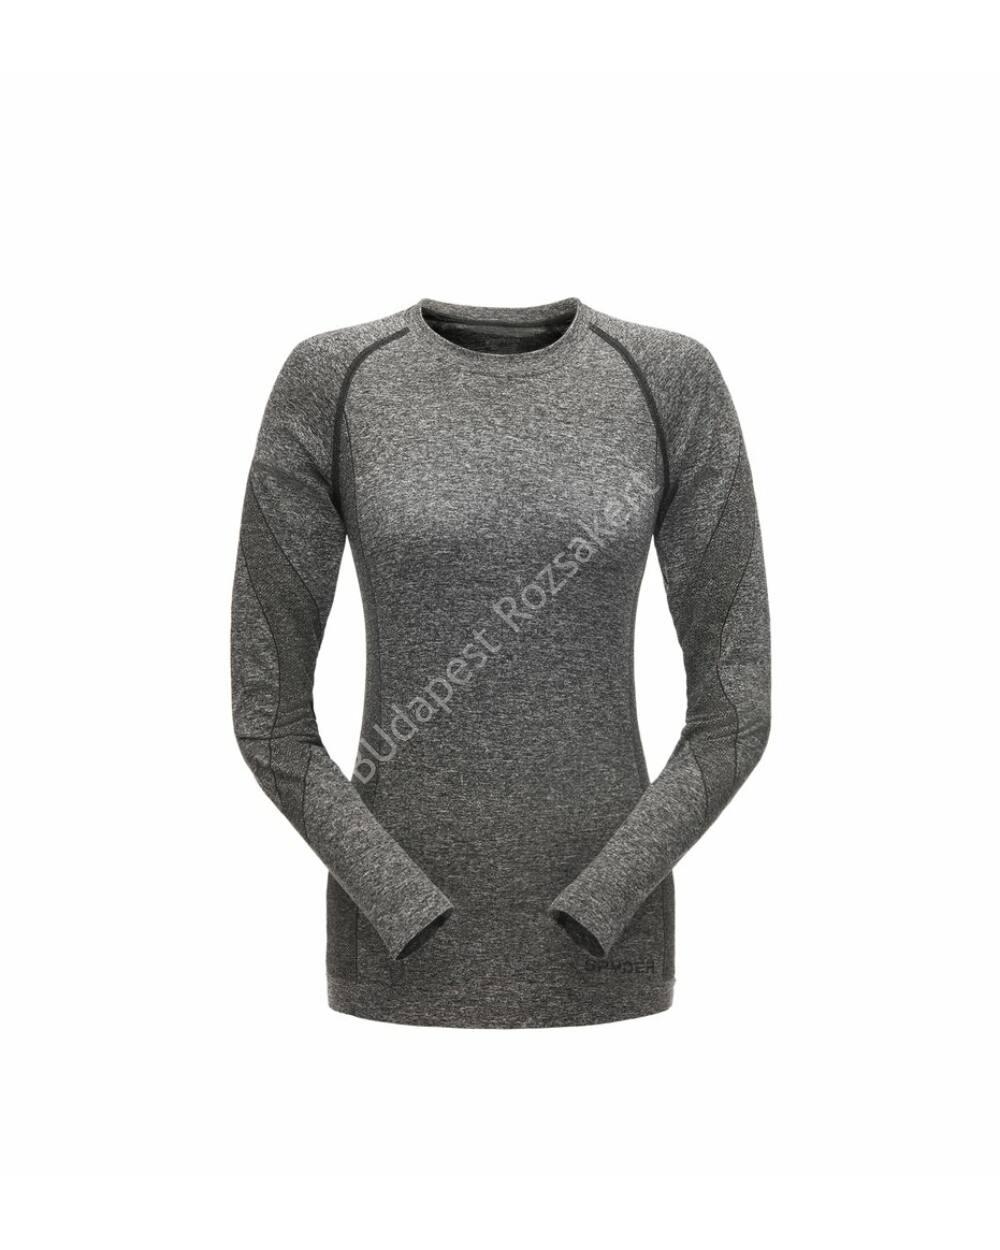 Spyder Runner női aláöltöző felső, szürke, M/L